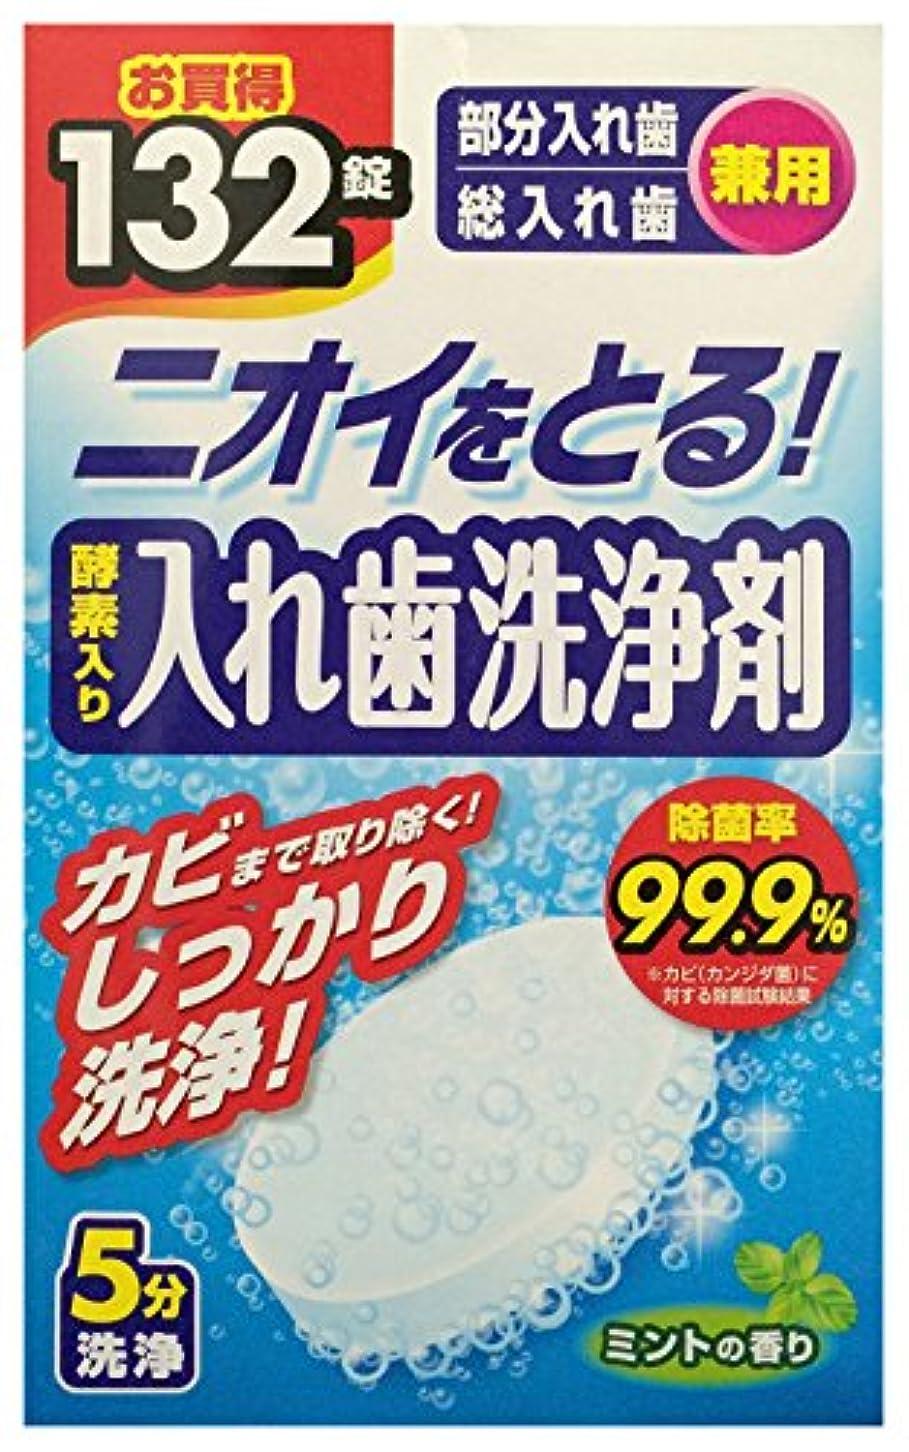 究極のポテト反逆者酵素入り入れ歯洗浄剤 部分入れ歯?総入れ歯兼用 132錠